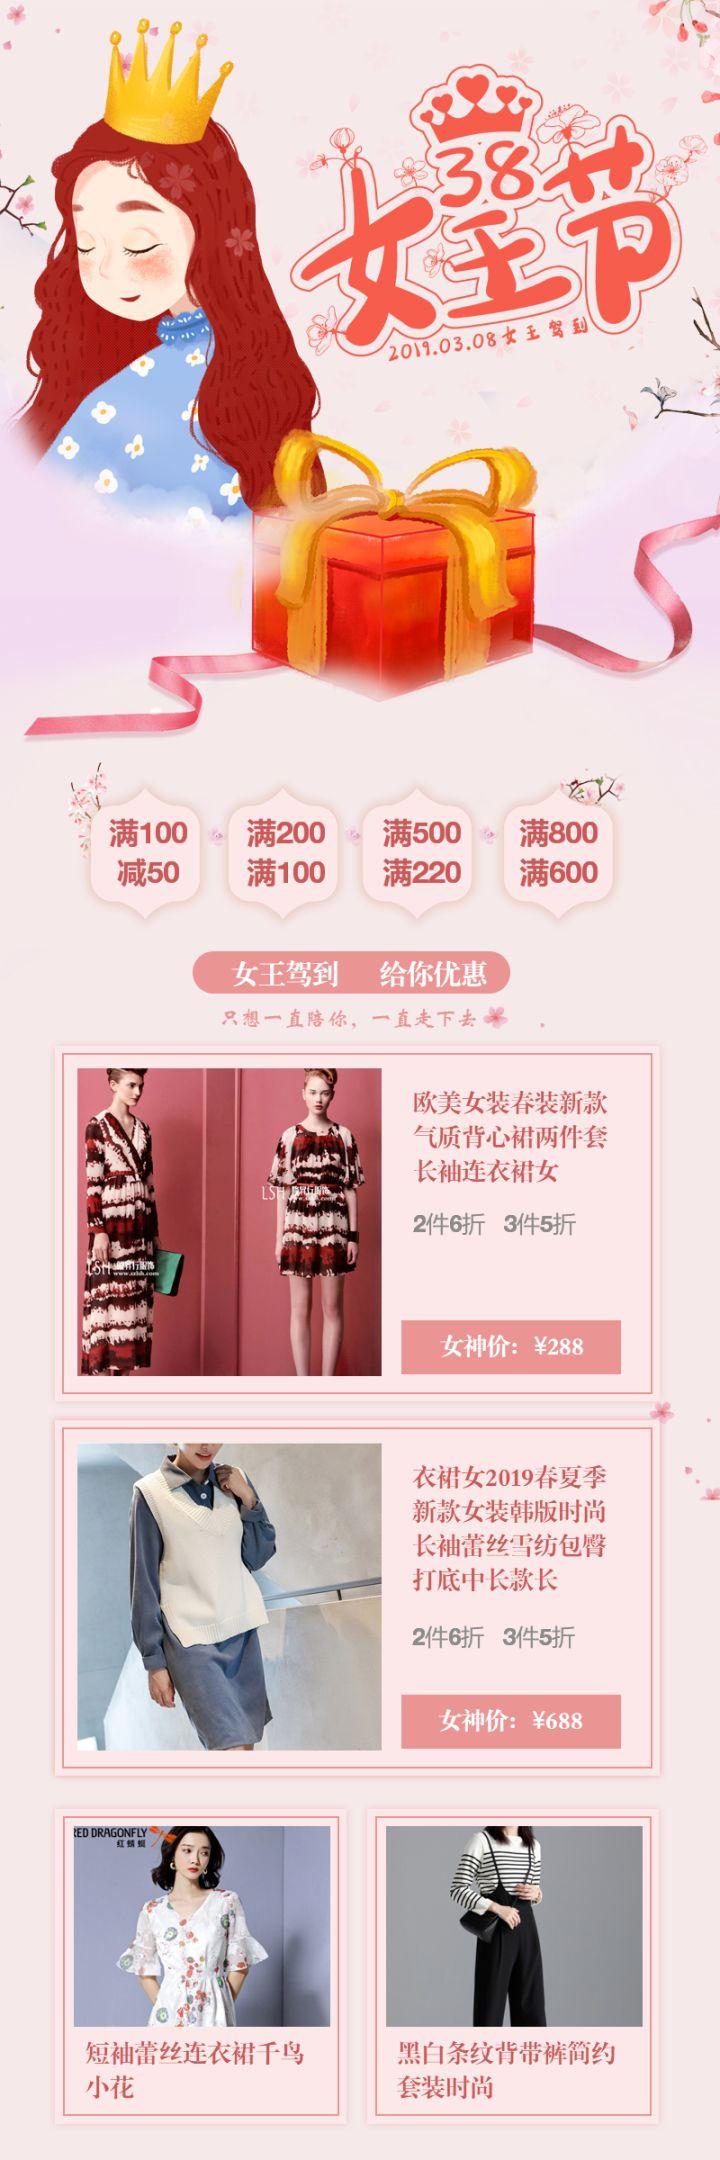 三八妇女节女神节商品促销